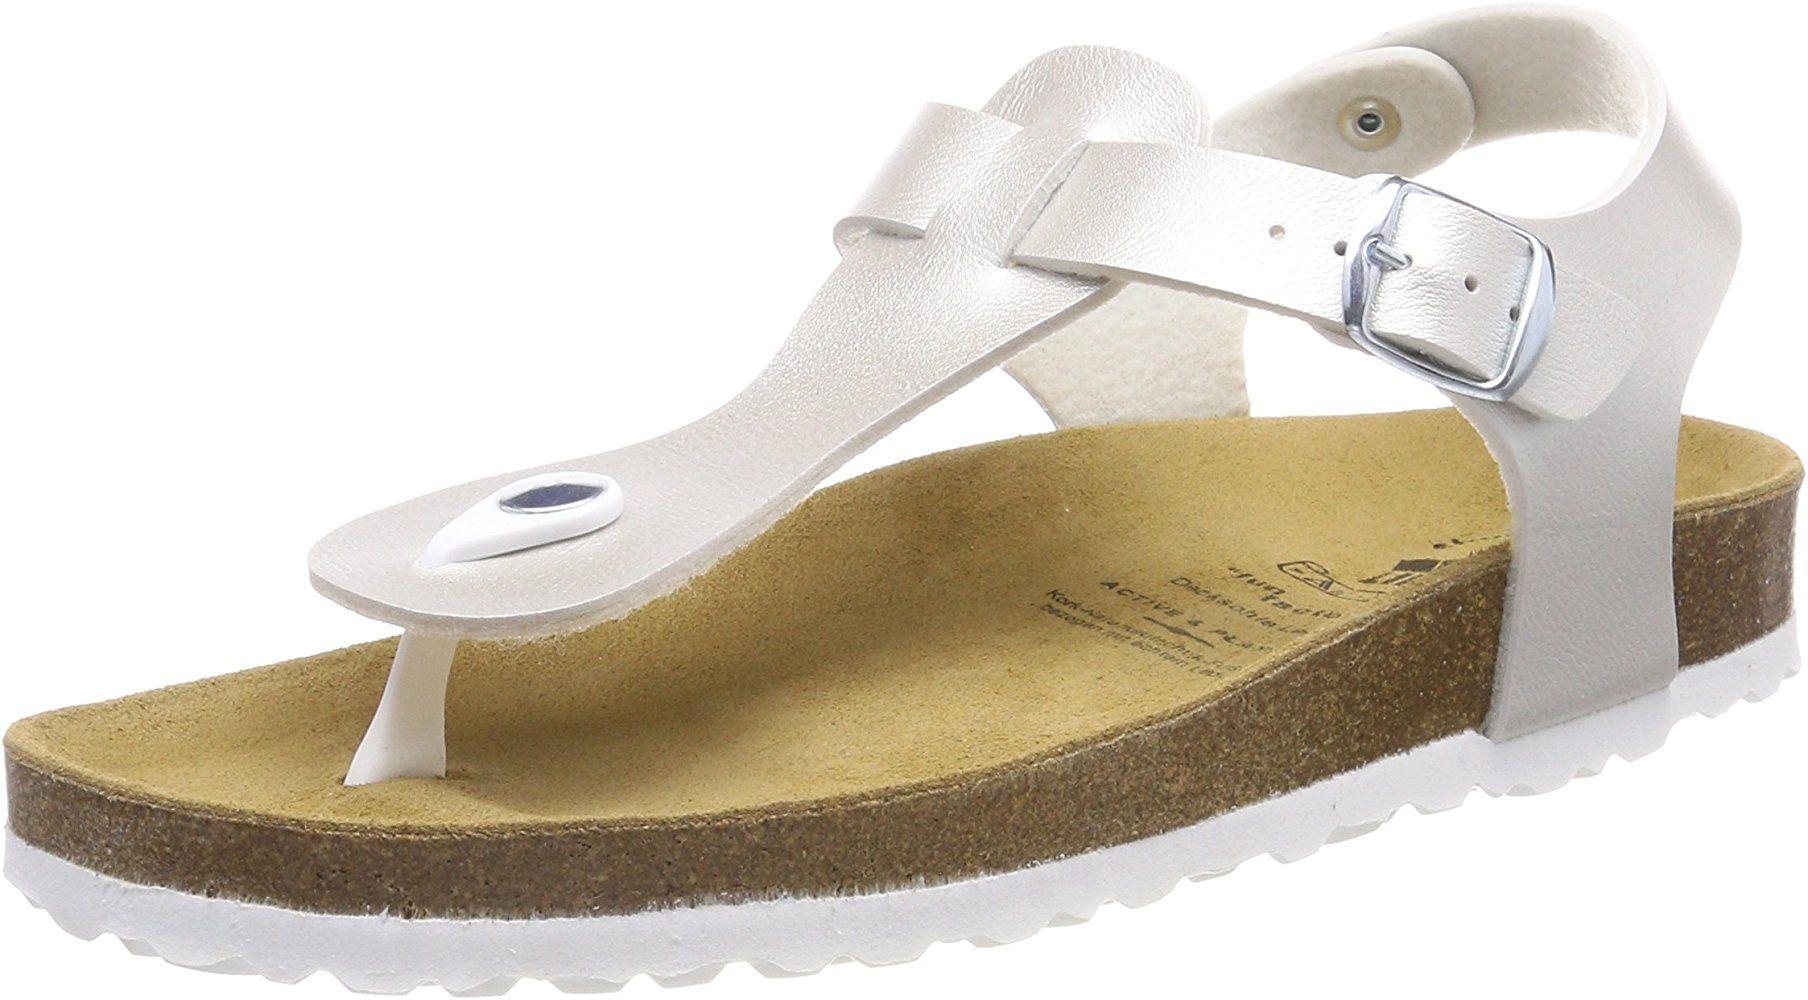 Zapatillas para niña talla 29 (reaco).